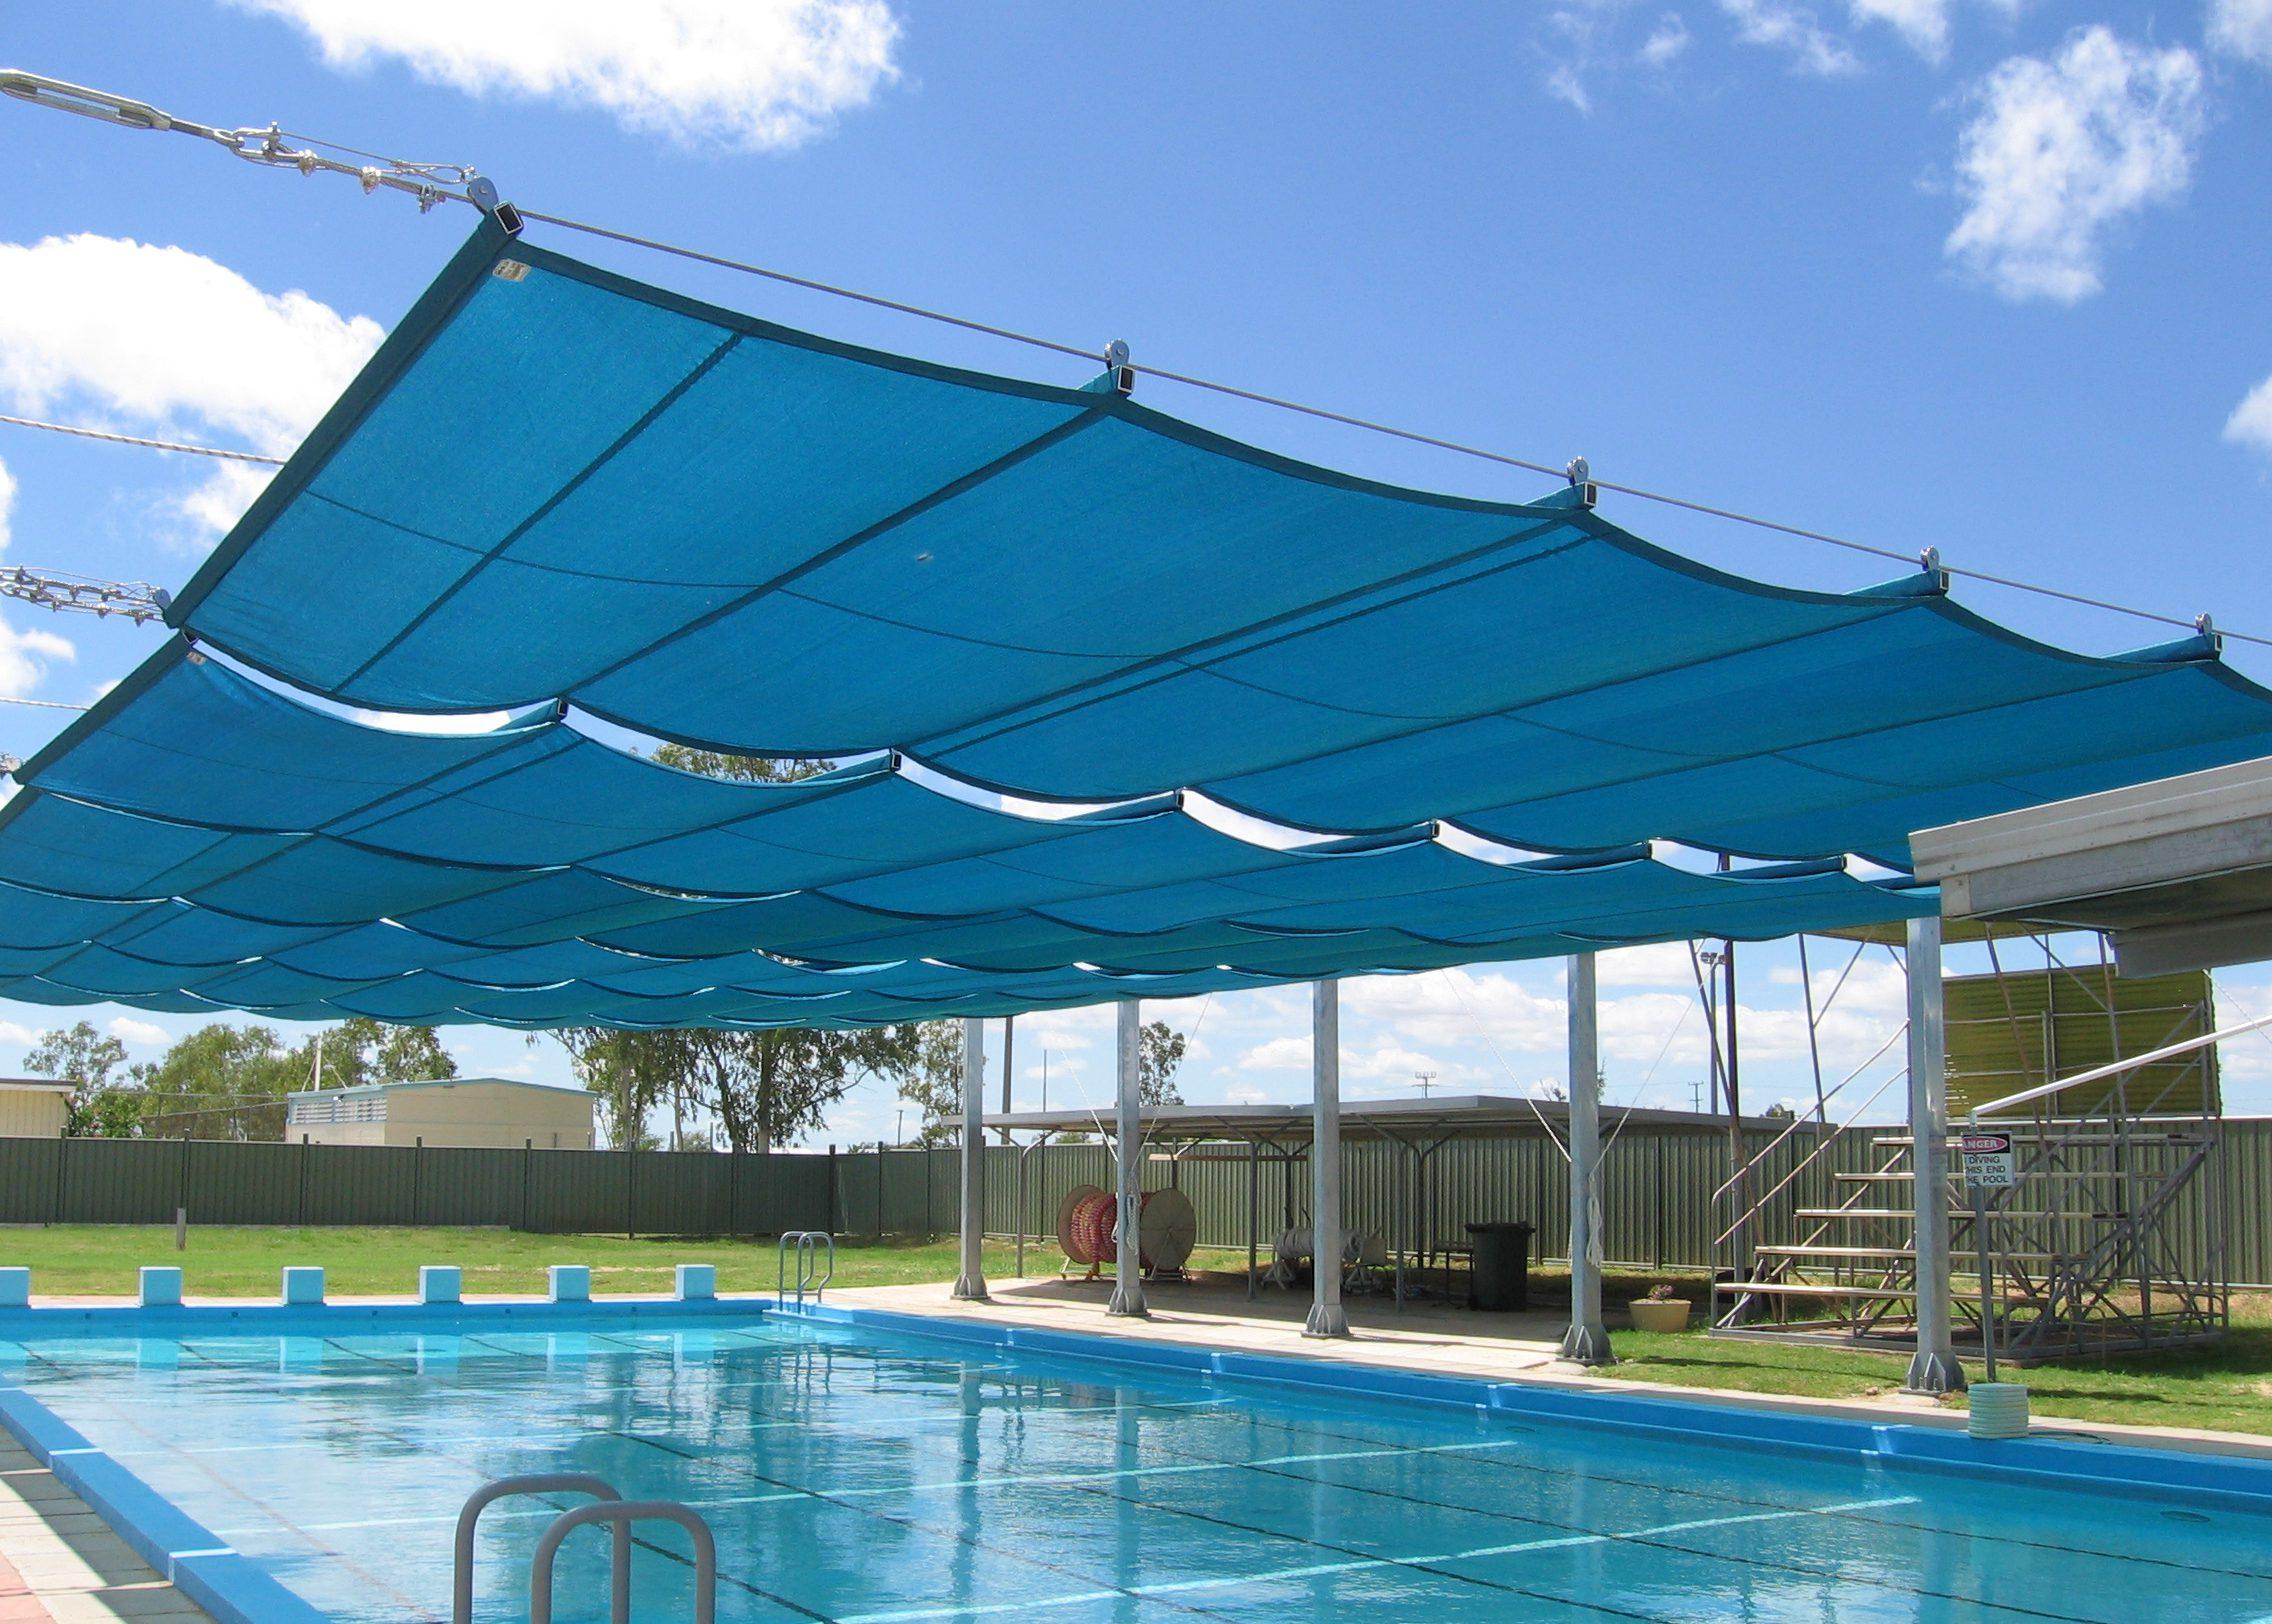 báo giá thiết kế lắp đặt mái che di động hồ bơi, mái xếp bạt kéo lượn sóng hồ bơi